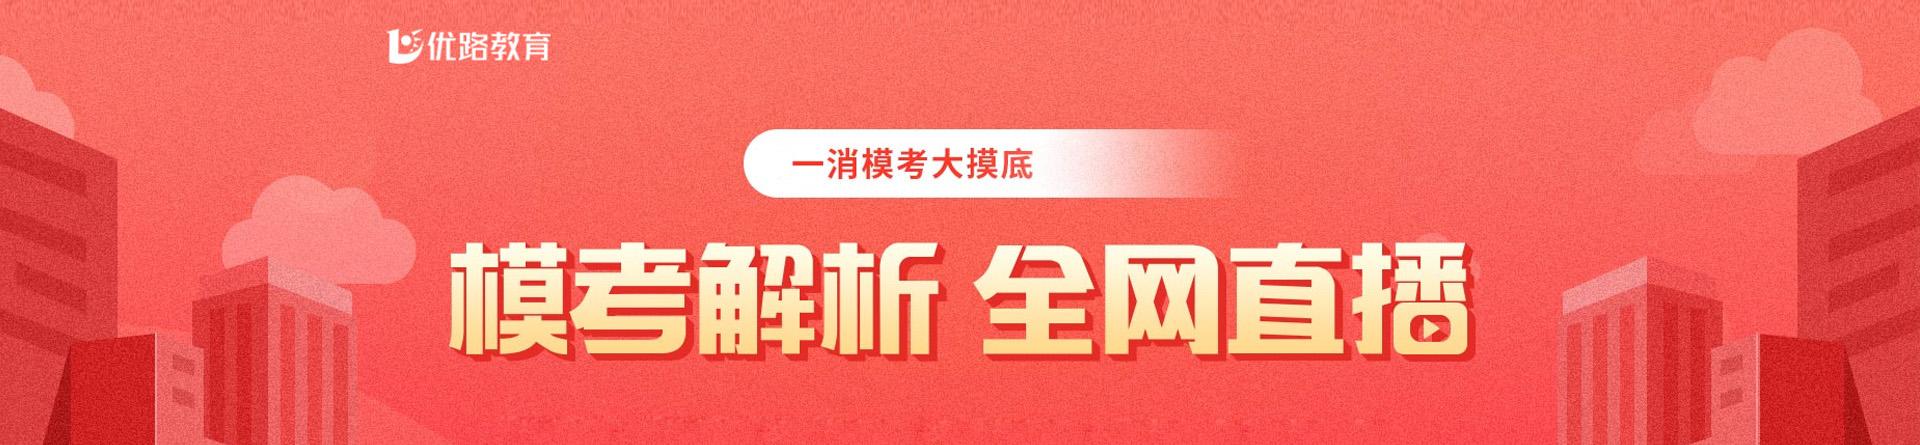 江苏扬州优路教育培训学校